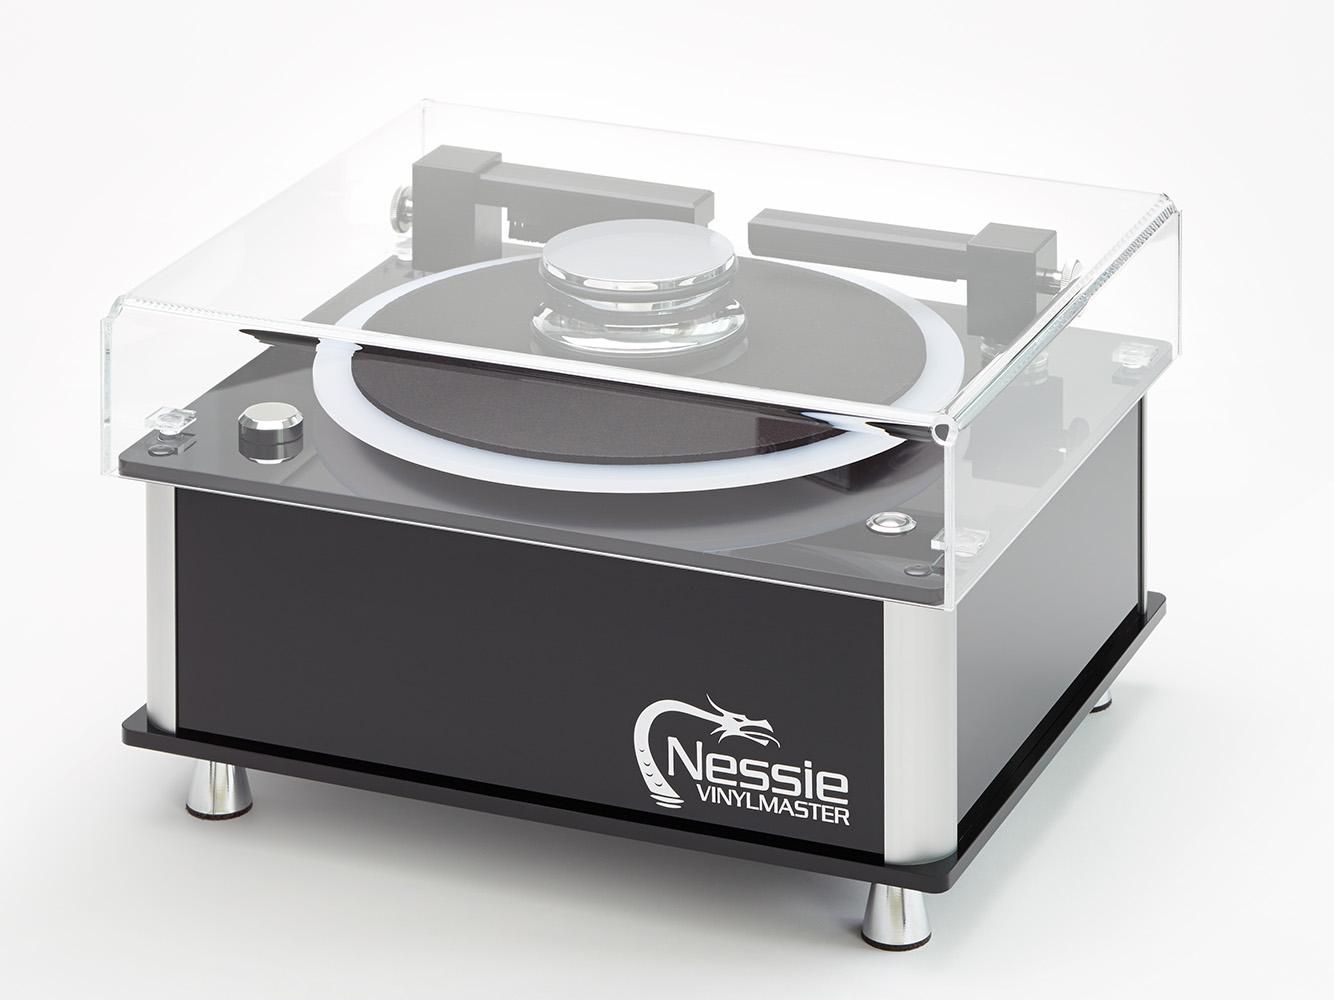 Schallplattenwaschmaschine Nessy von Draabe, Hamburg © Heiner Orth